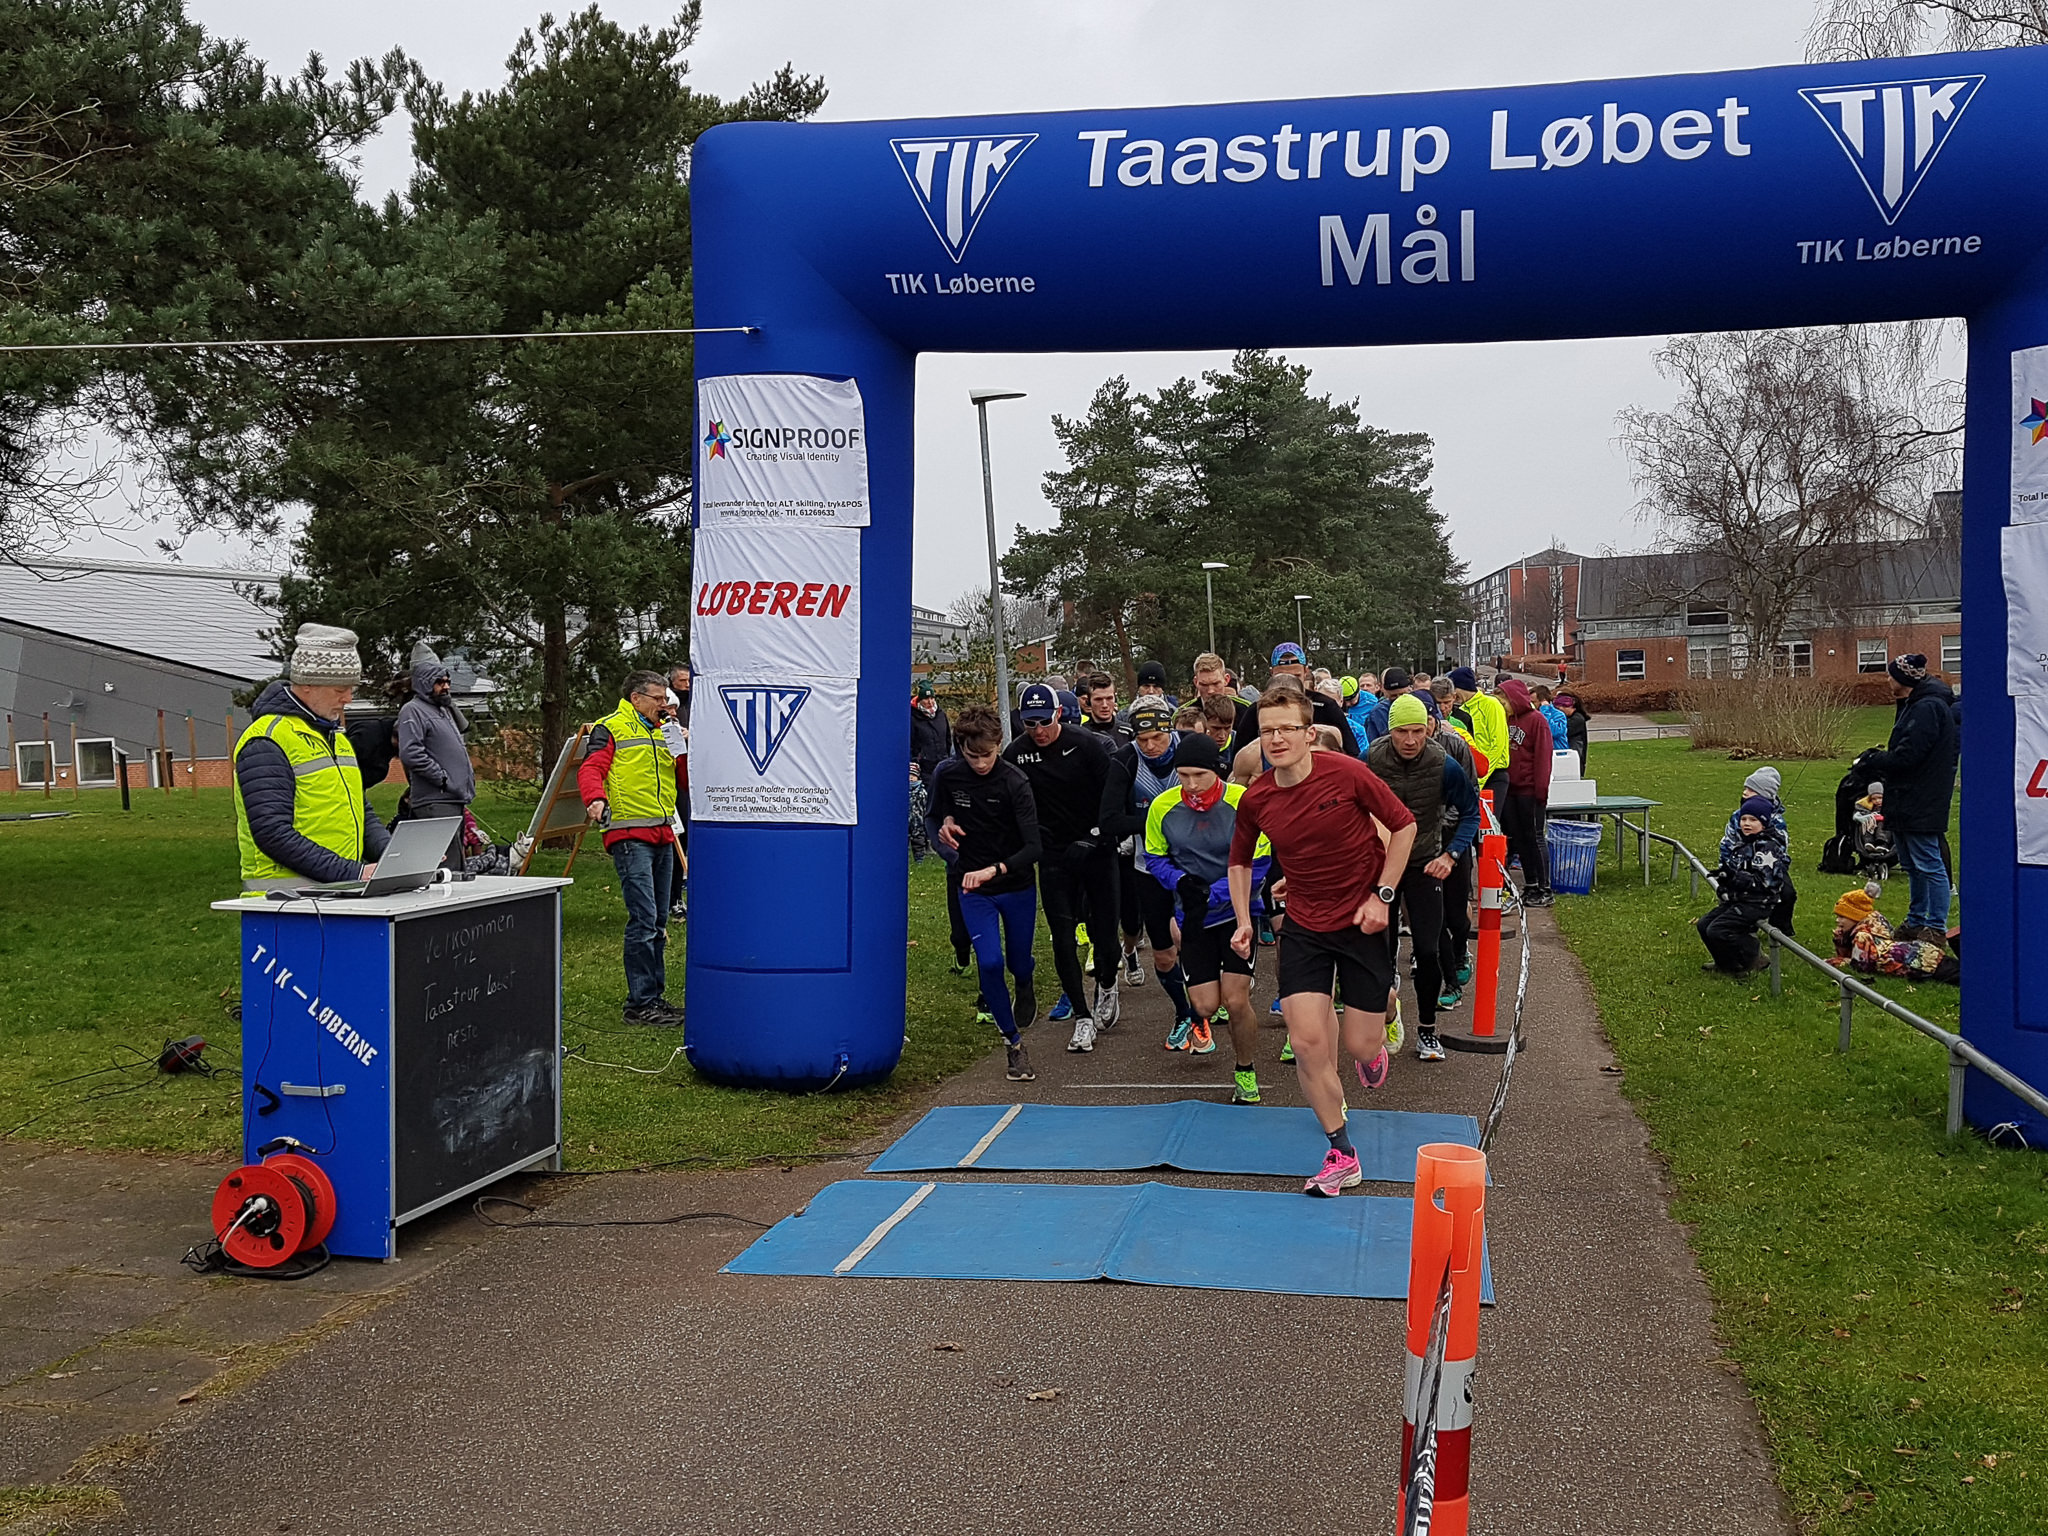 2020-02-09-080-Taastrup-Løbet-2020-02